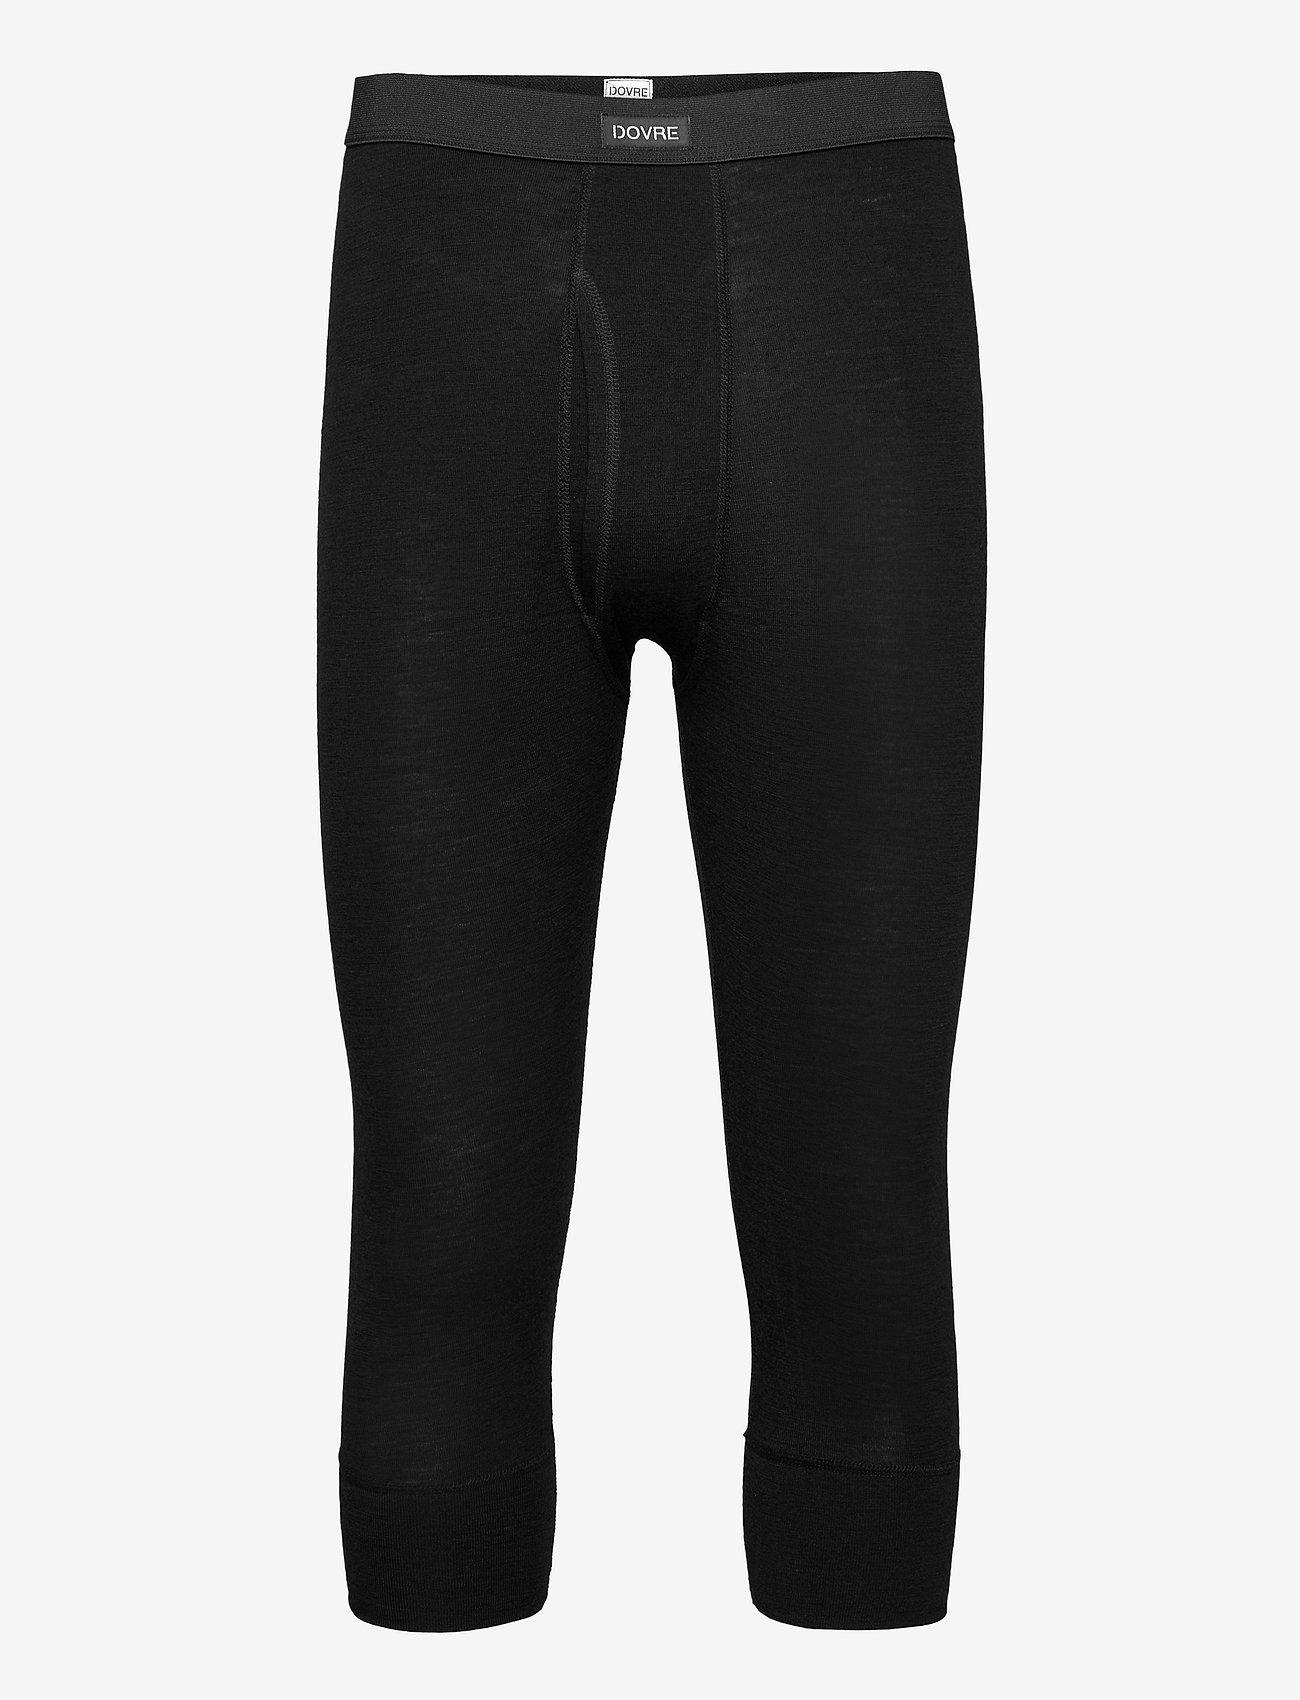 Dovre - Benklæde m/ 3/4 ben og gylp - base layer bottoms - svart - 0